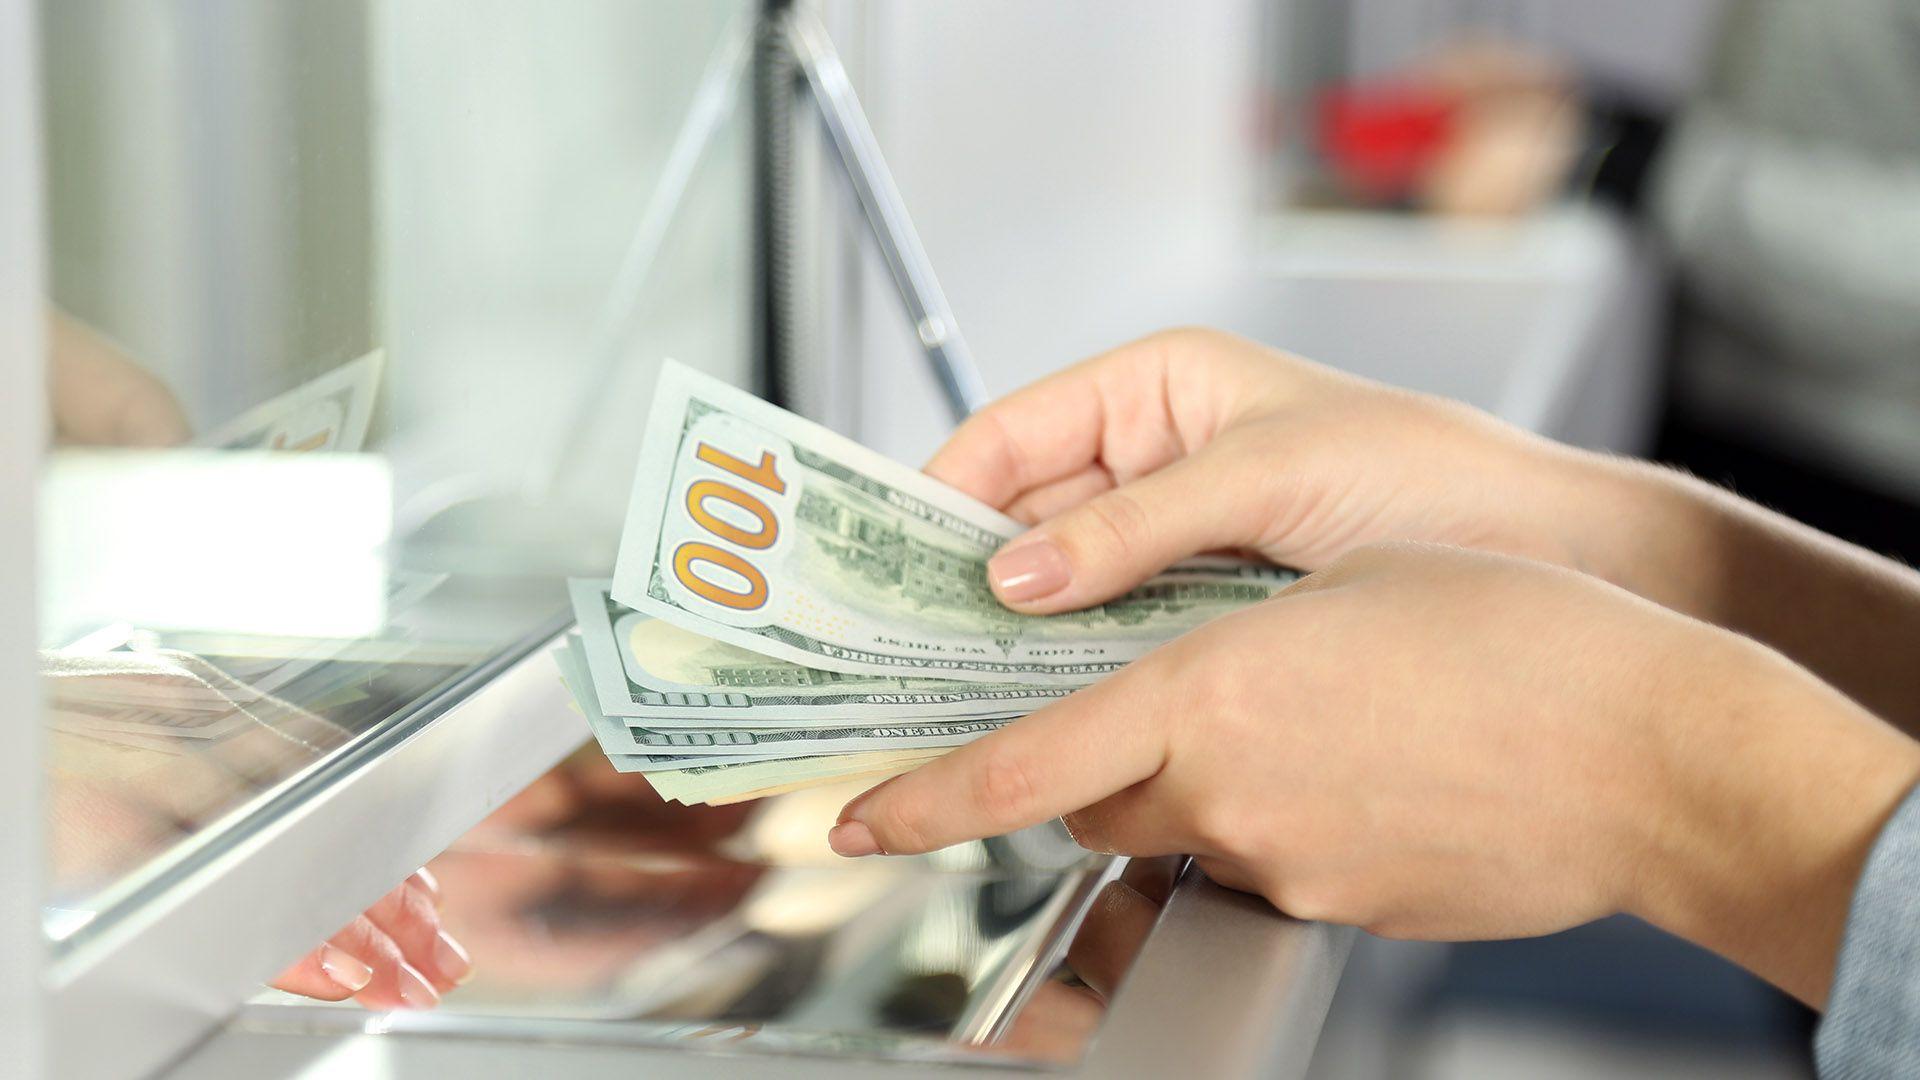 Si se supera el límite de USD 10.000mensuales se debe solicitar autorización